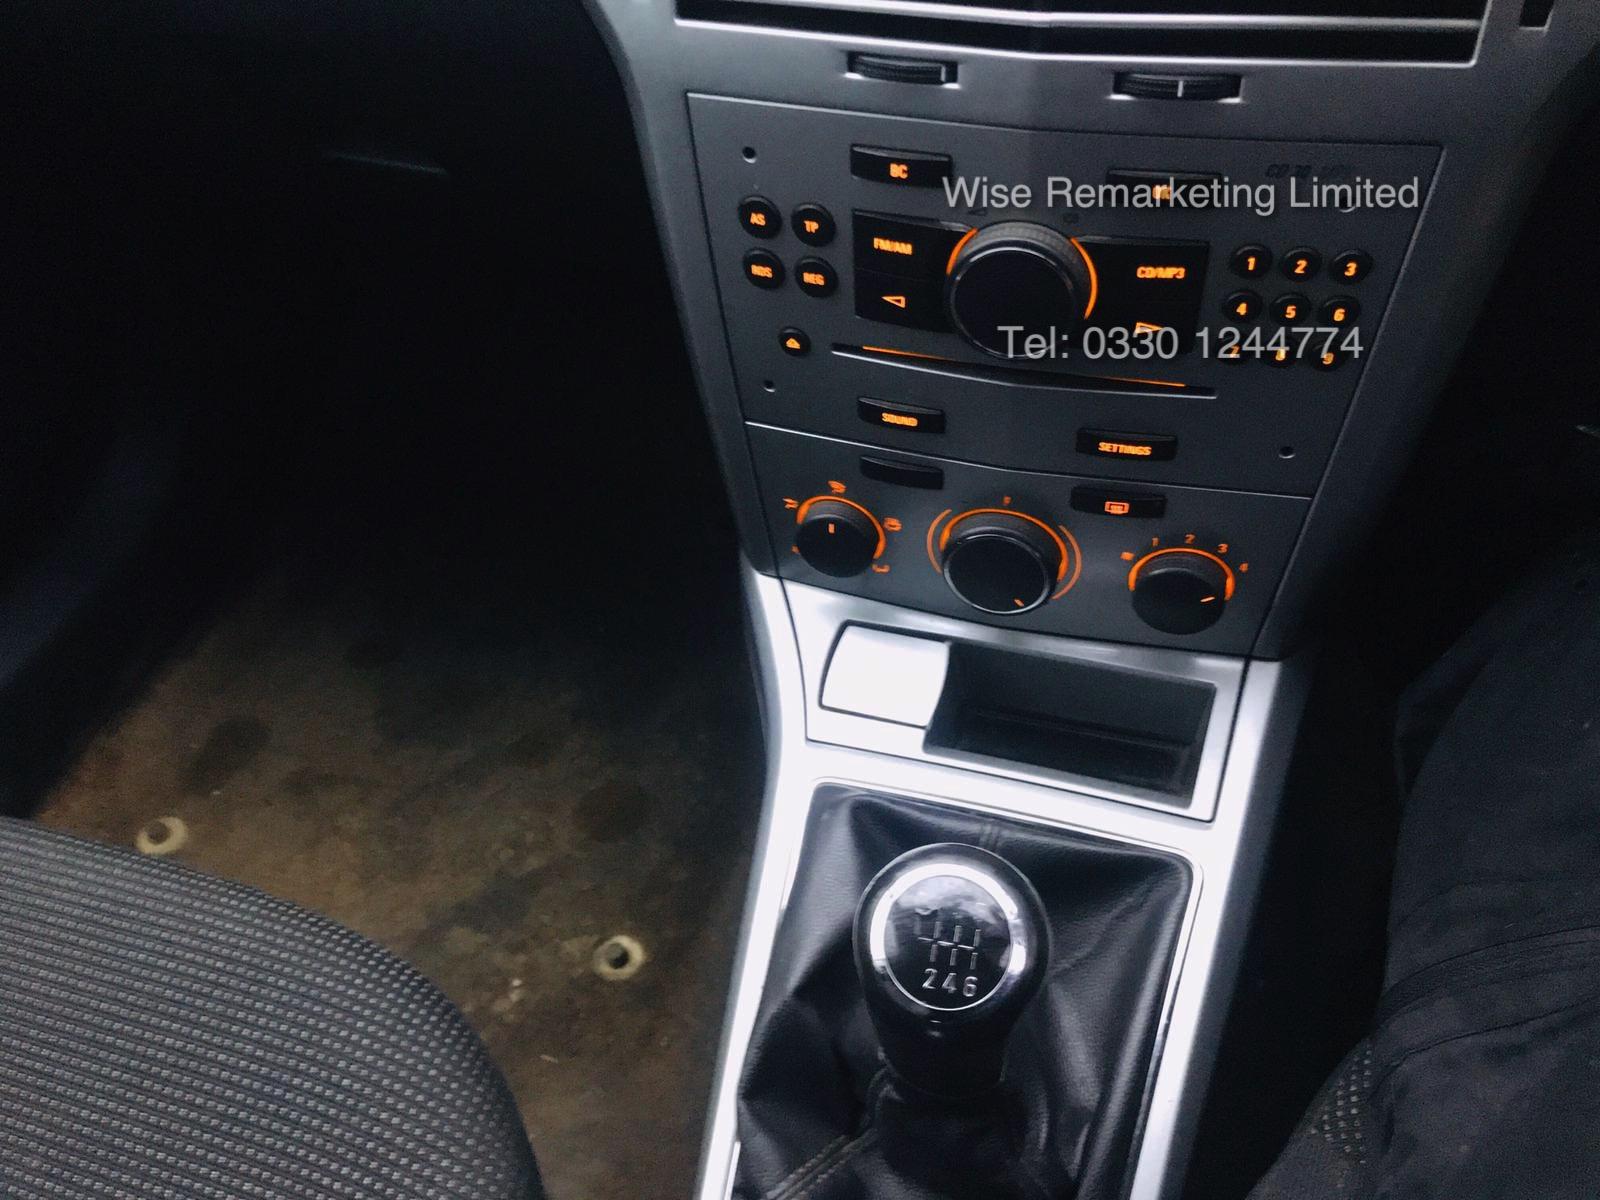 Vauxhall Astra Van 1.3 CDTi - 2011 Model - 5 Seater Crew Van - SAVE 20% NO VAT - Image 11 of 15